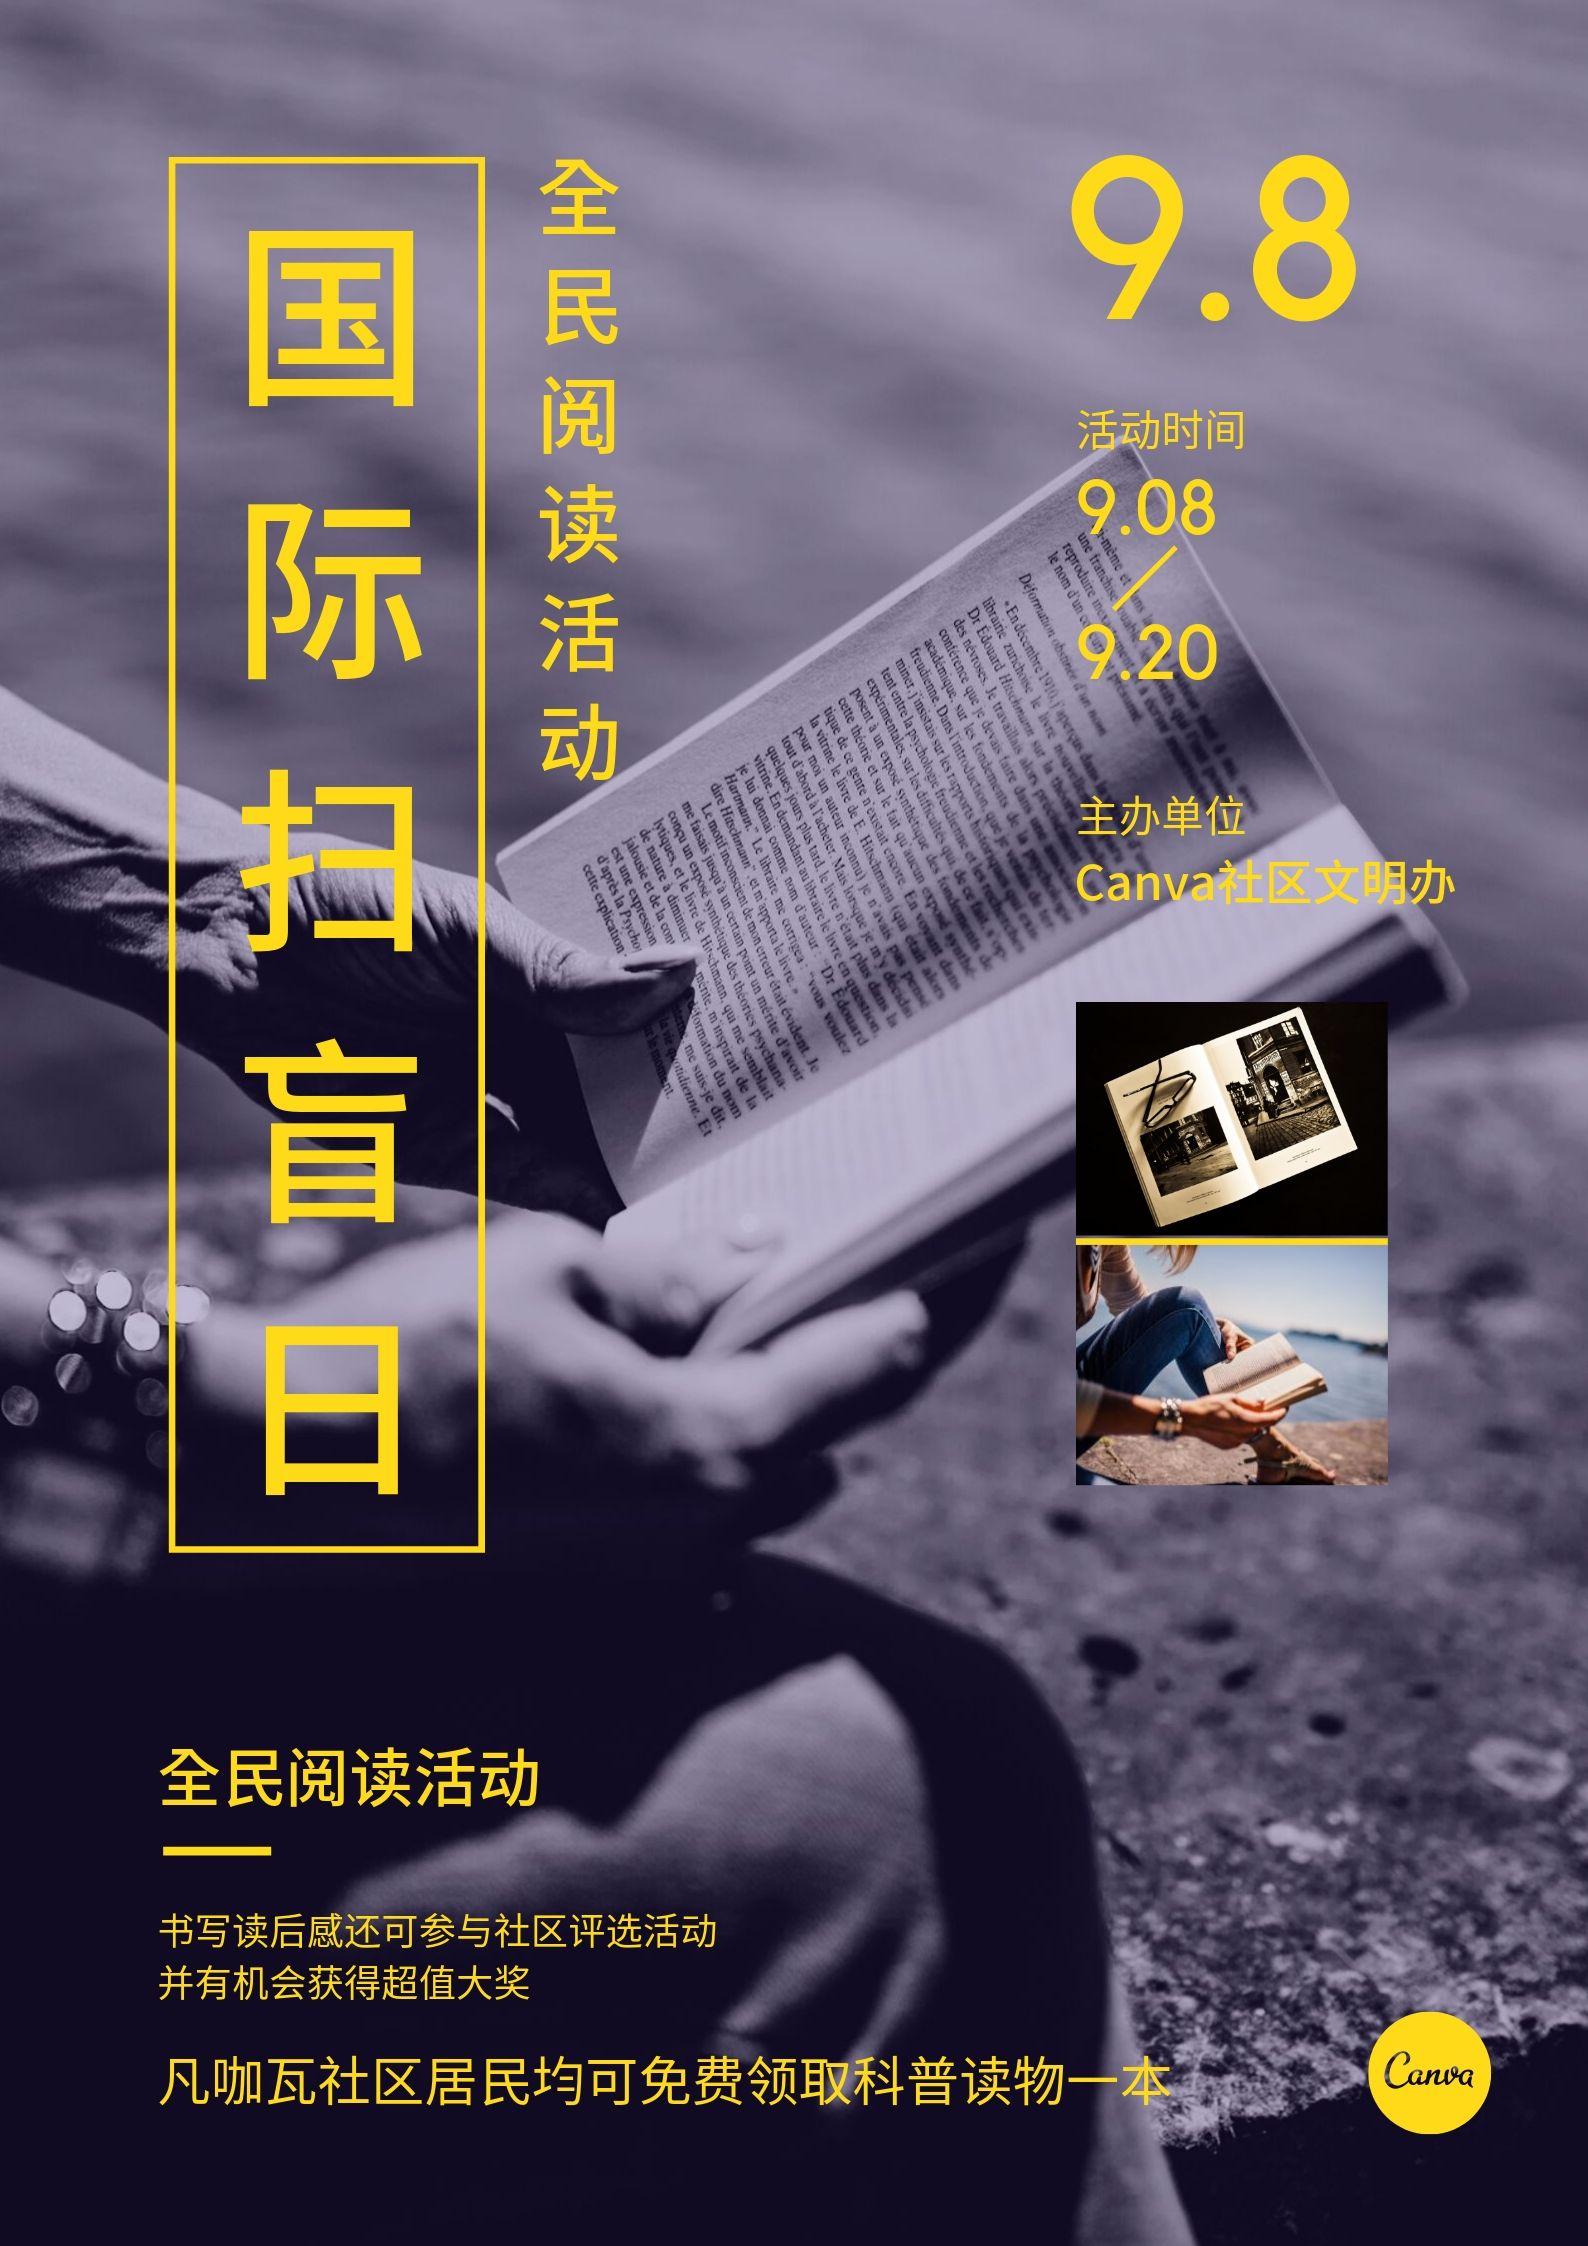 国际扫盲日图片